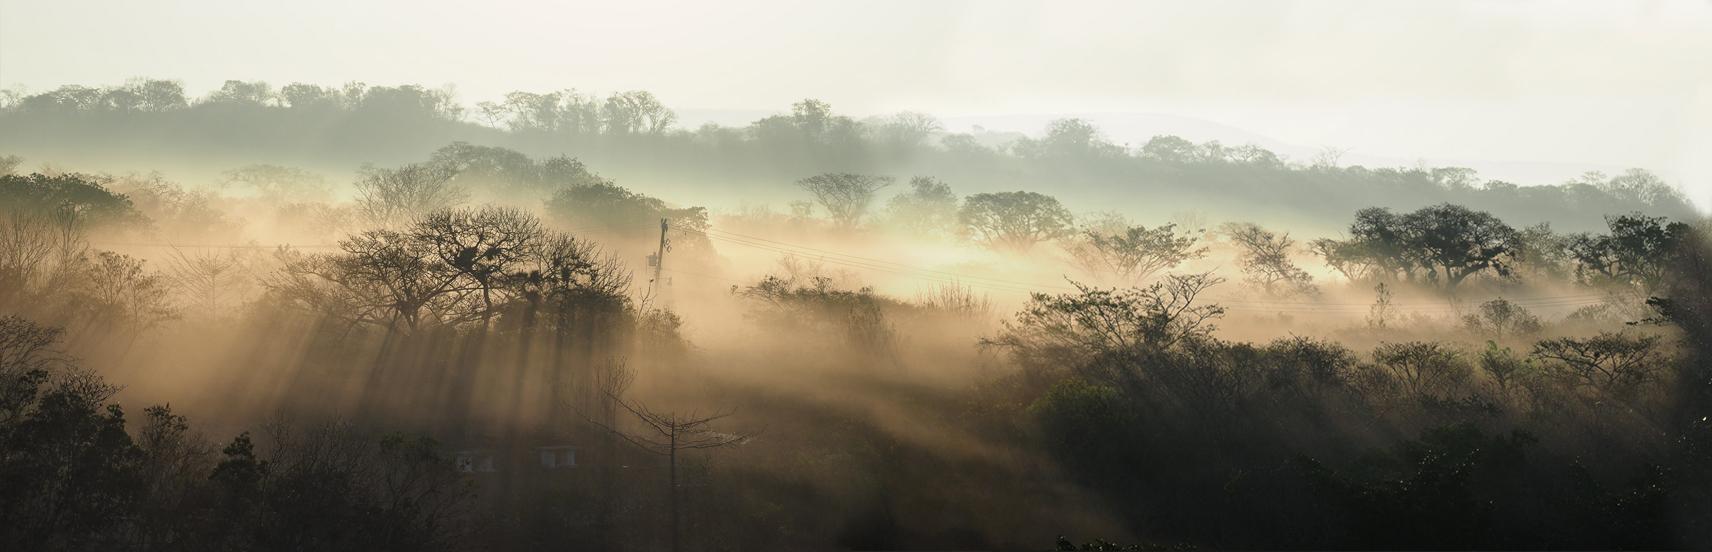 Lieblingsbild: Morgennebel im Urwald